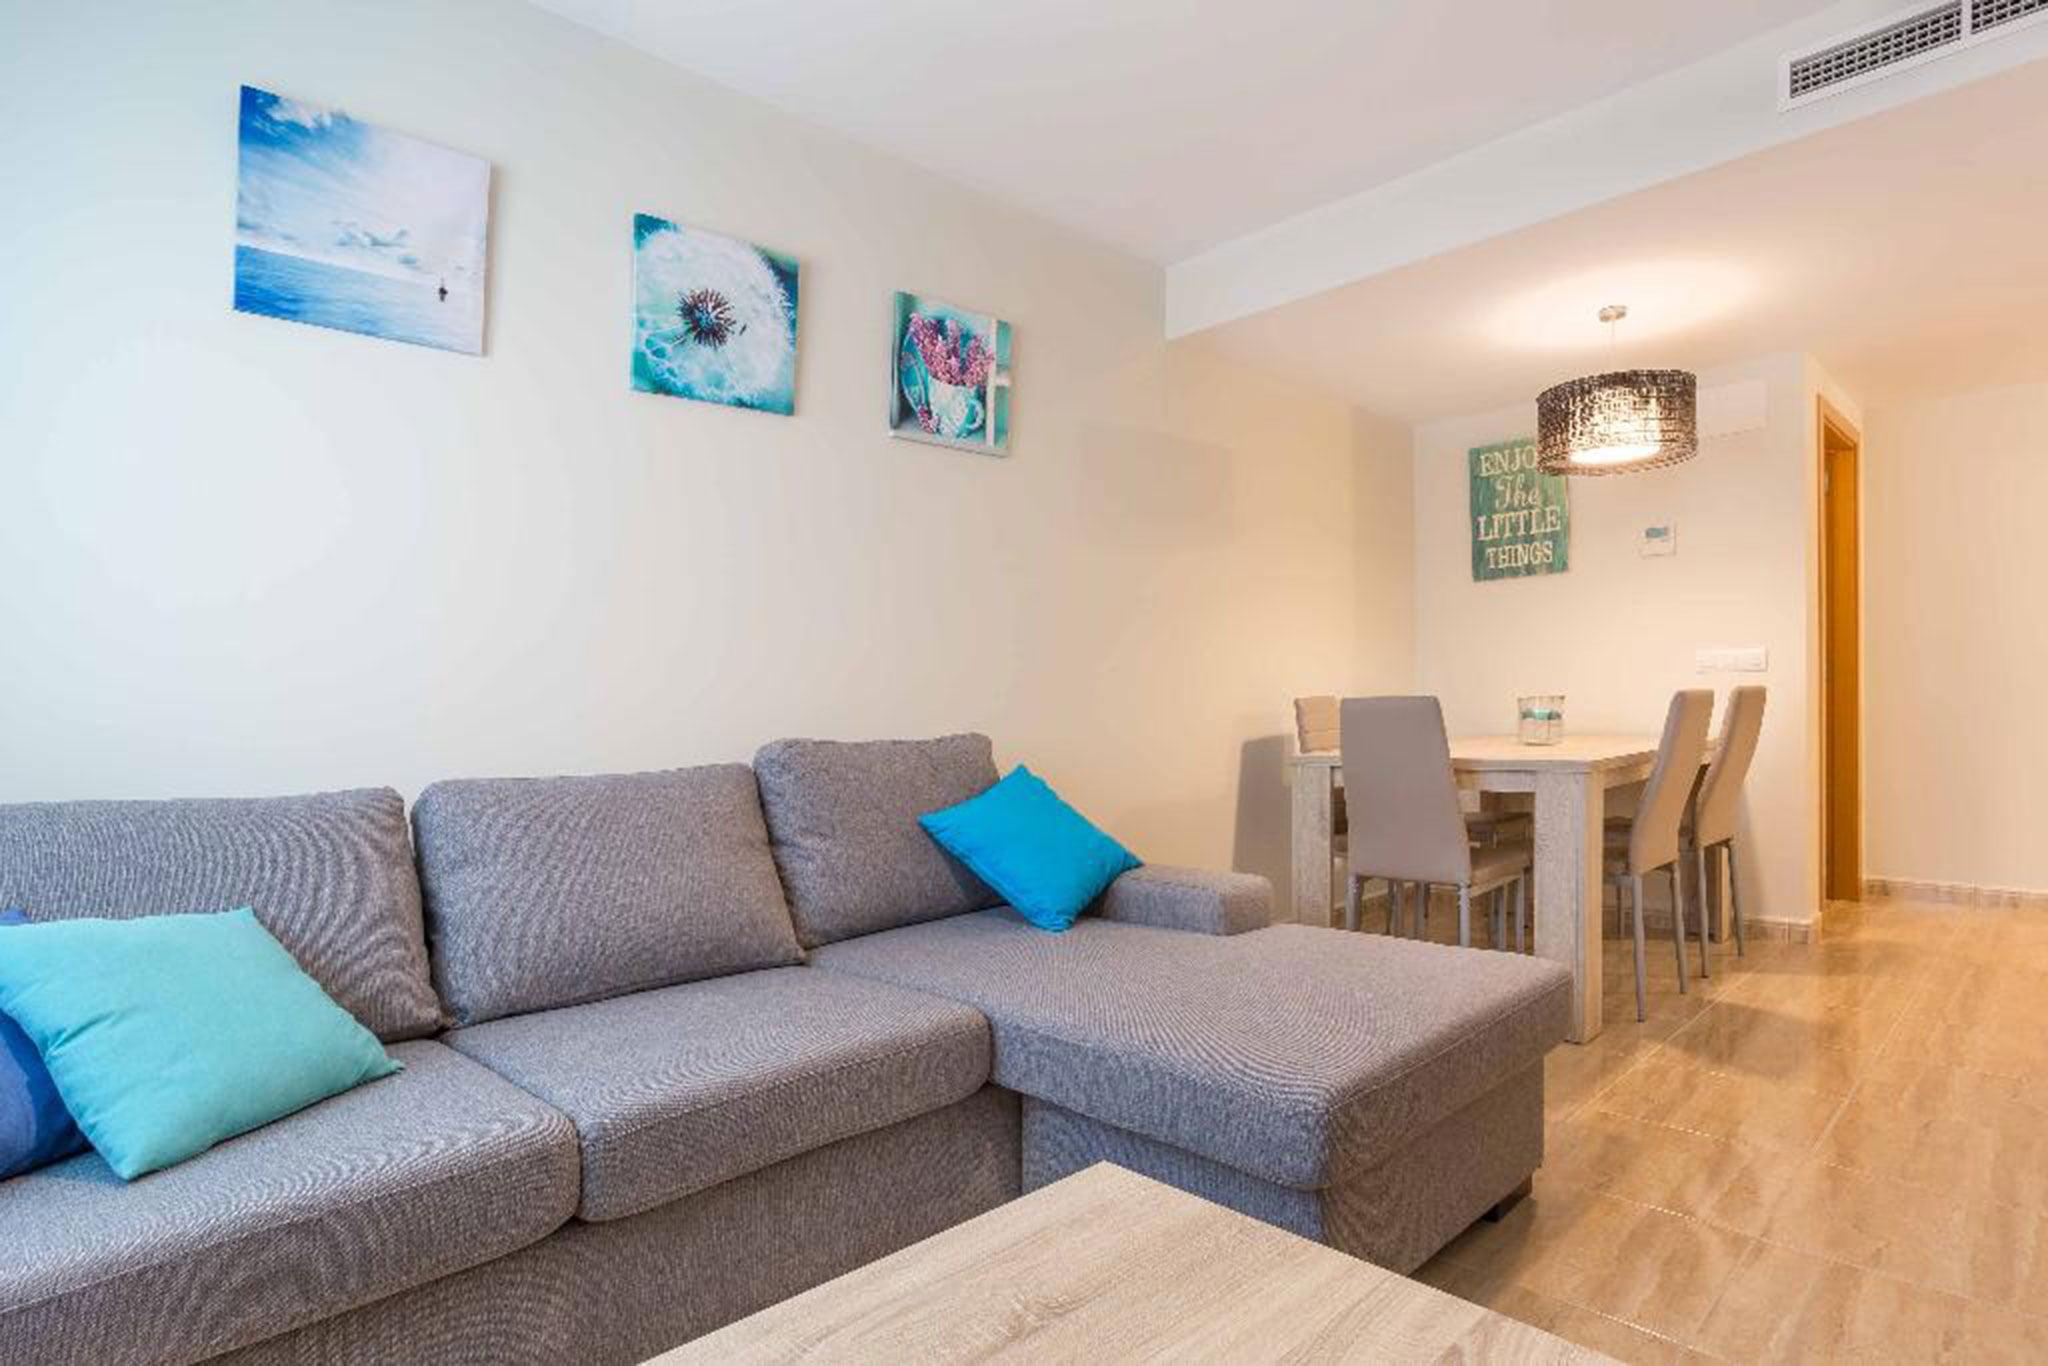 Salón y comedor de un apartamento en alquiler en Jávea – MMC Properties